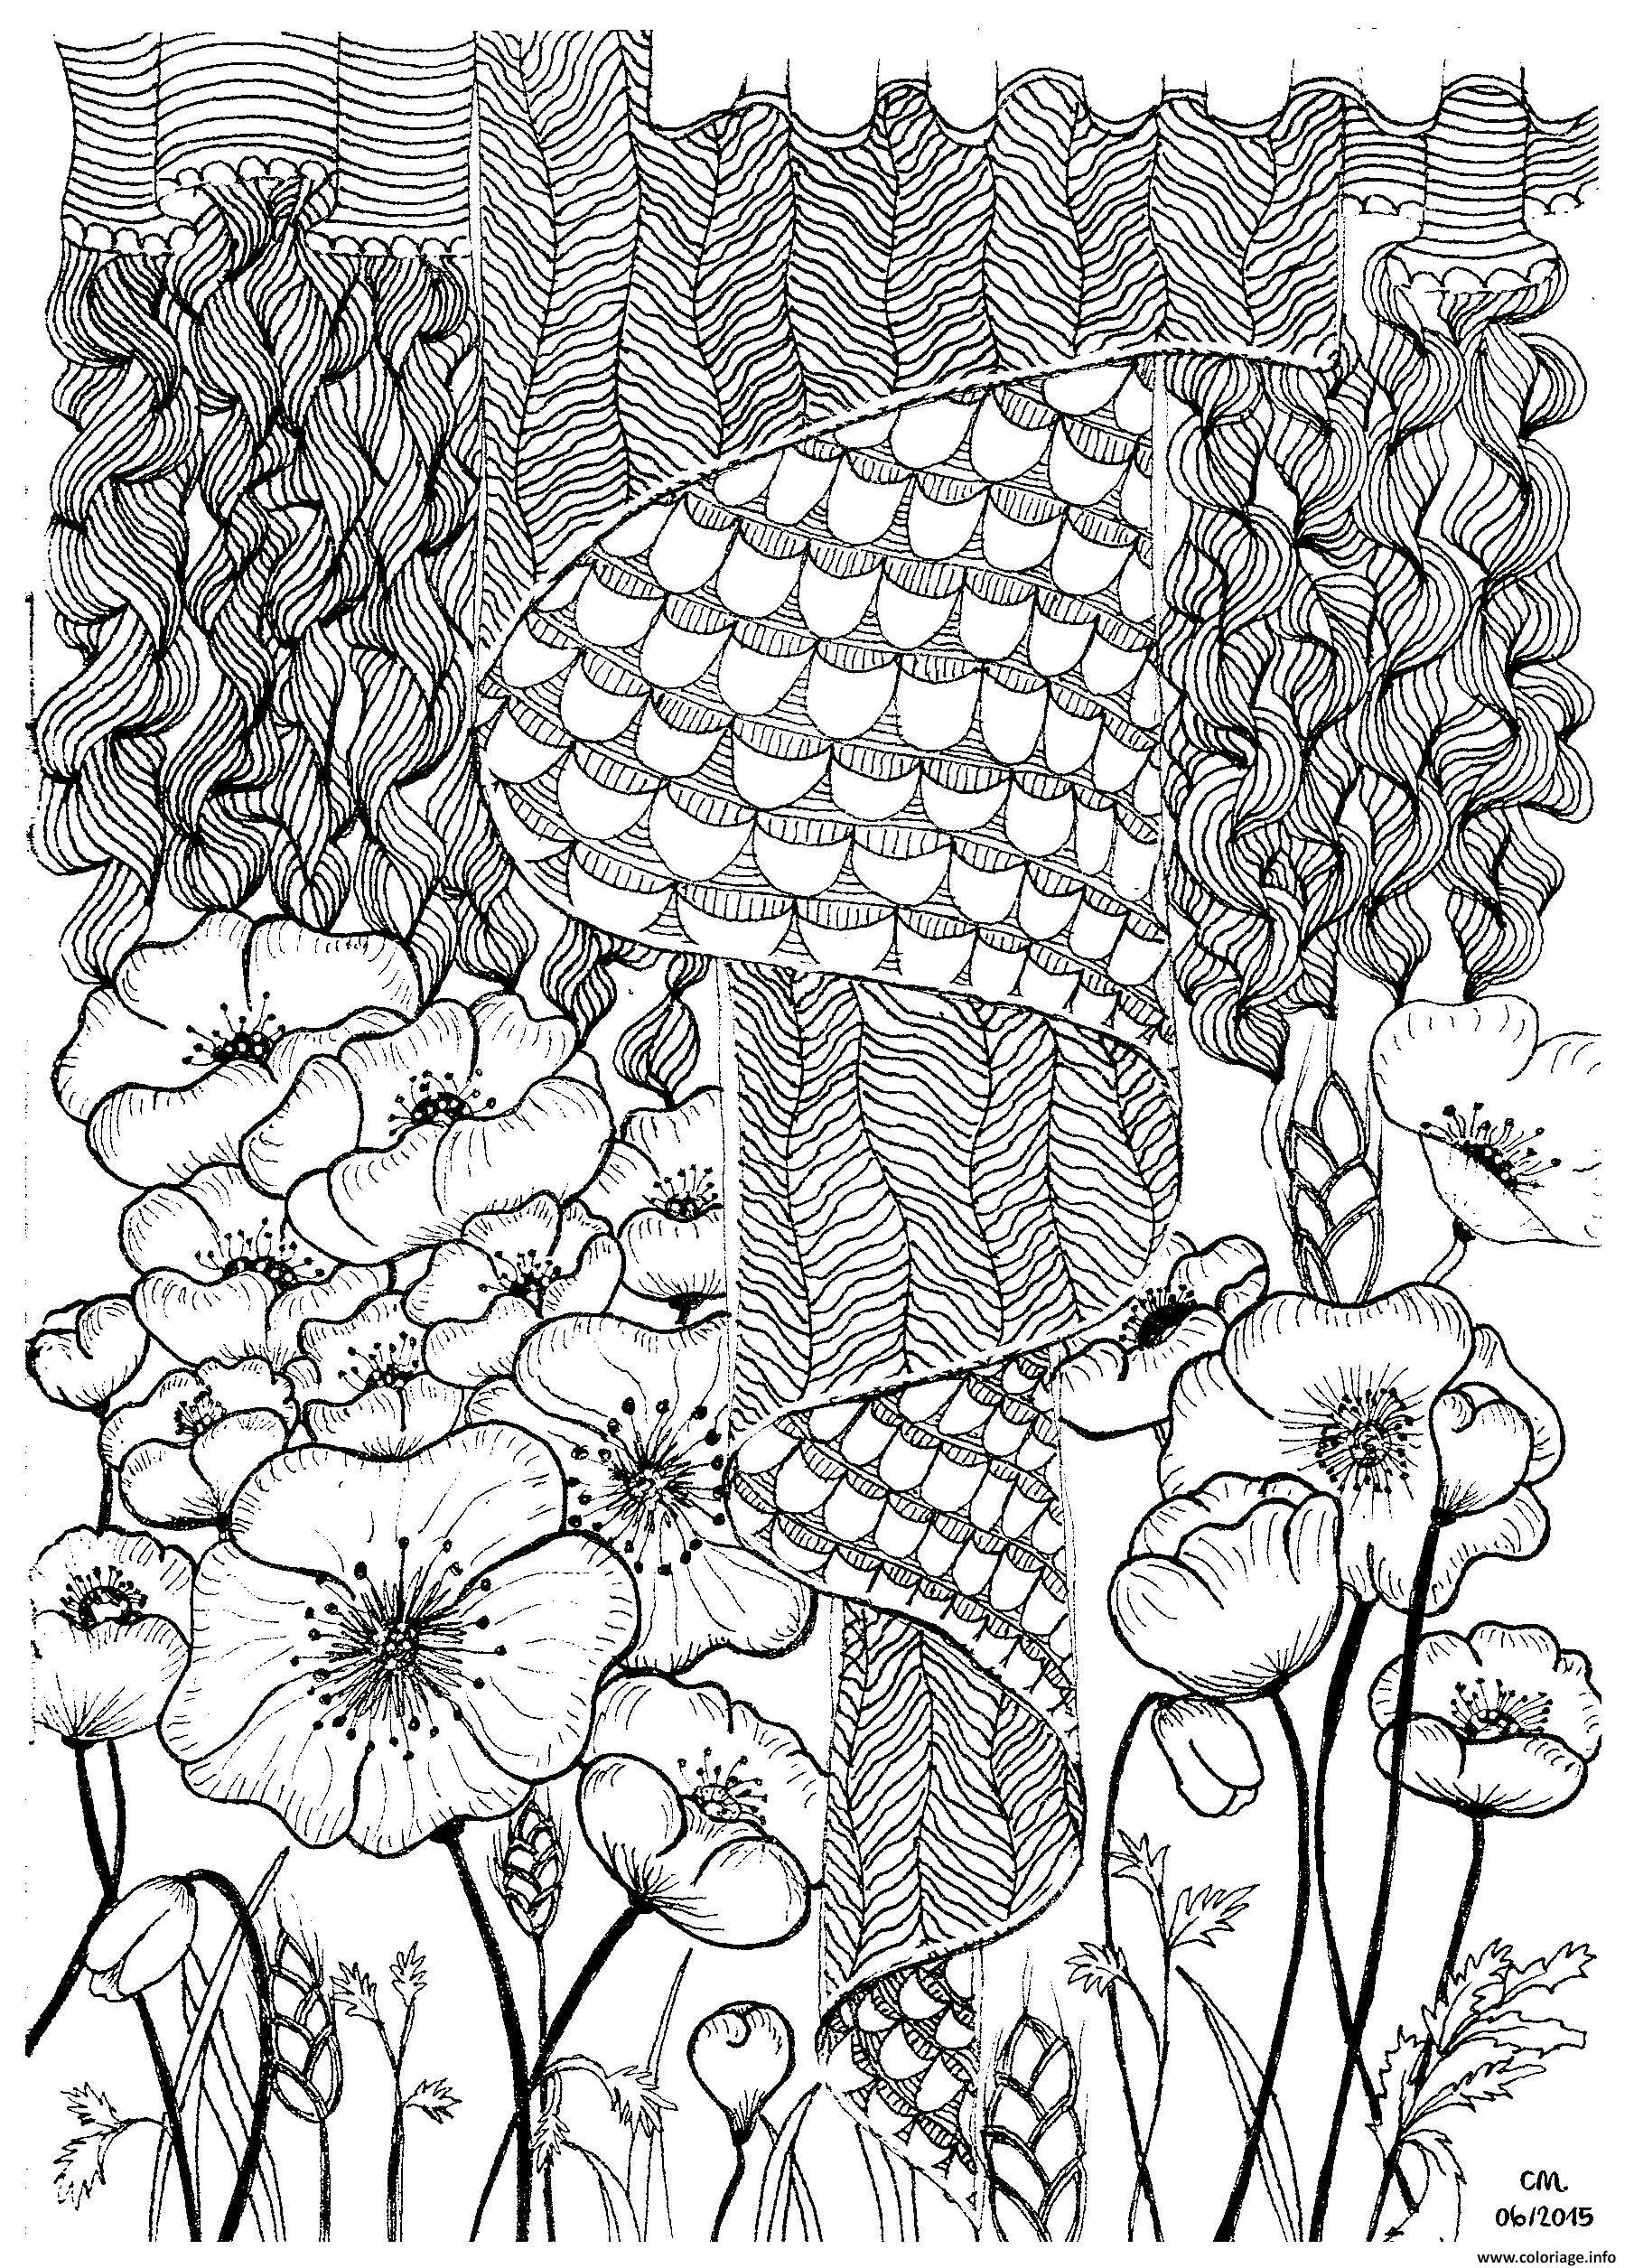 Dessin adulte zentangle by cathym 2 Coloriage Gratuit à Imprimer